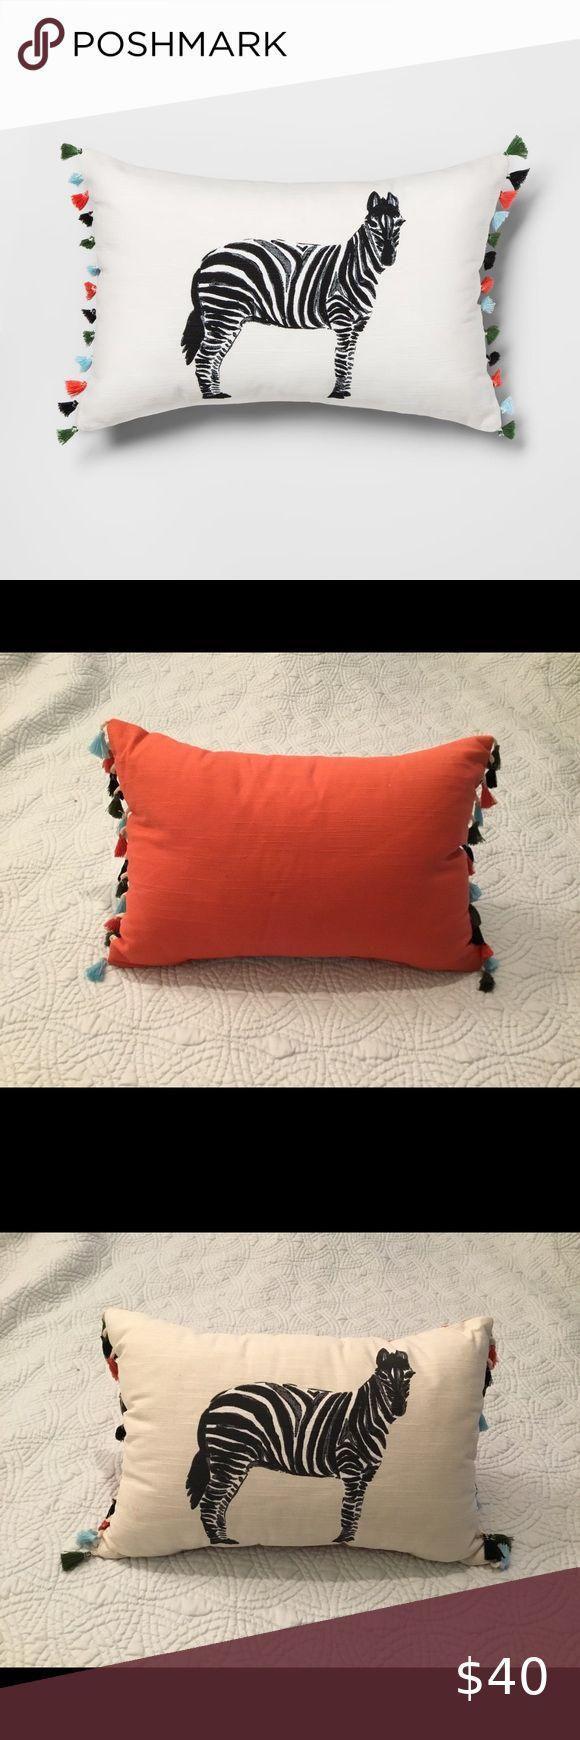 Zebra Throw Pillow Nwot Zebra Pillows Throw Pillows Pillows